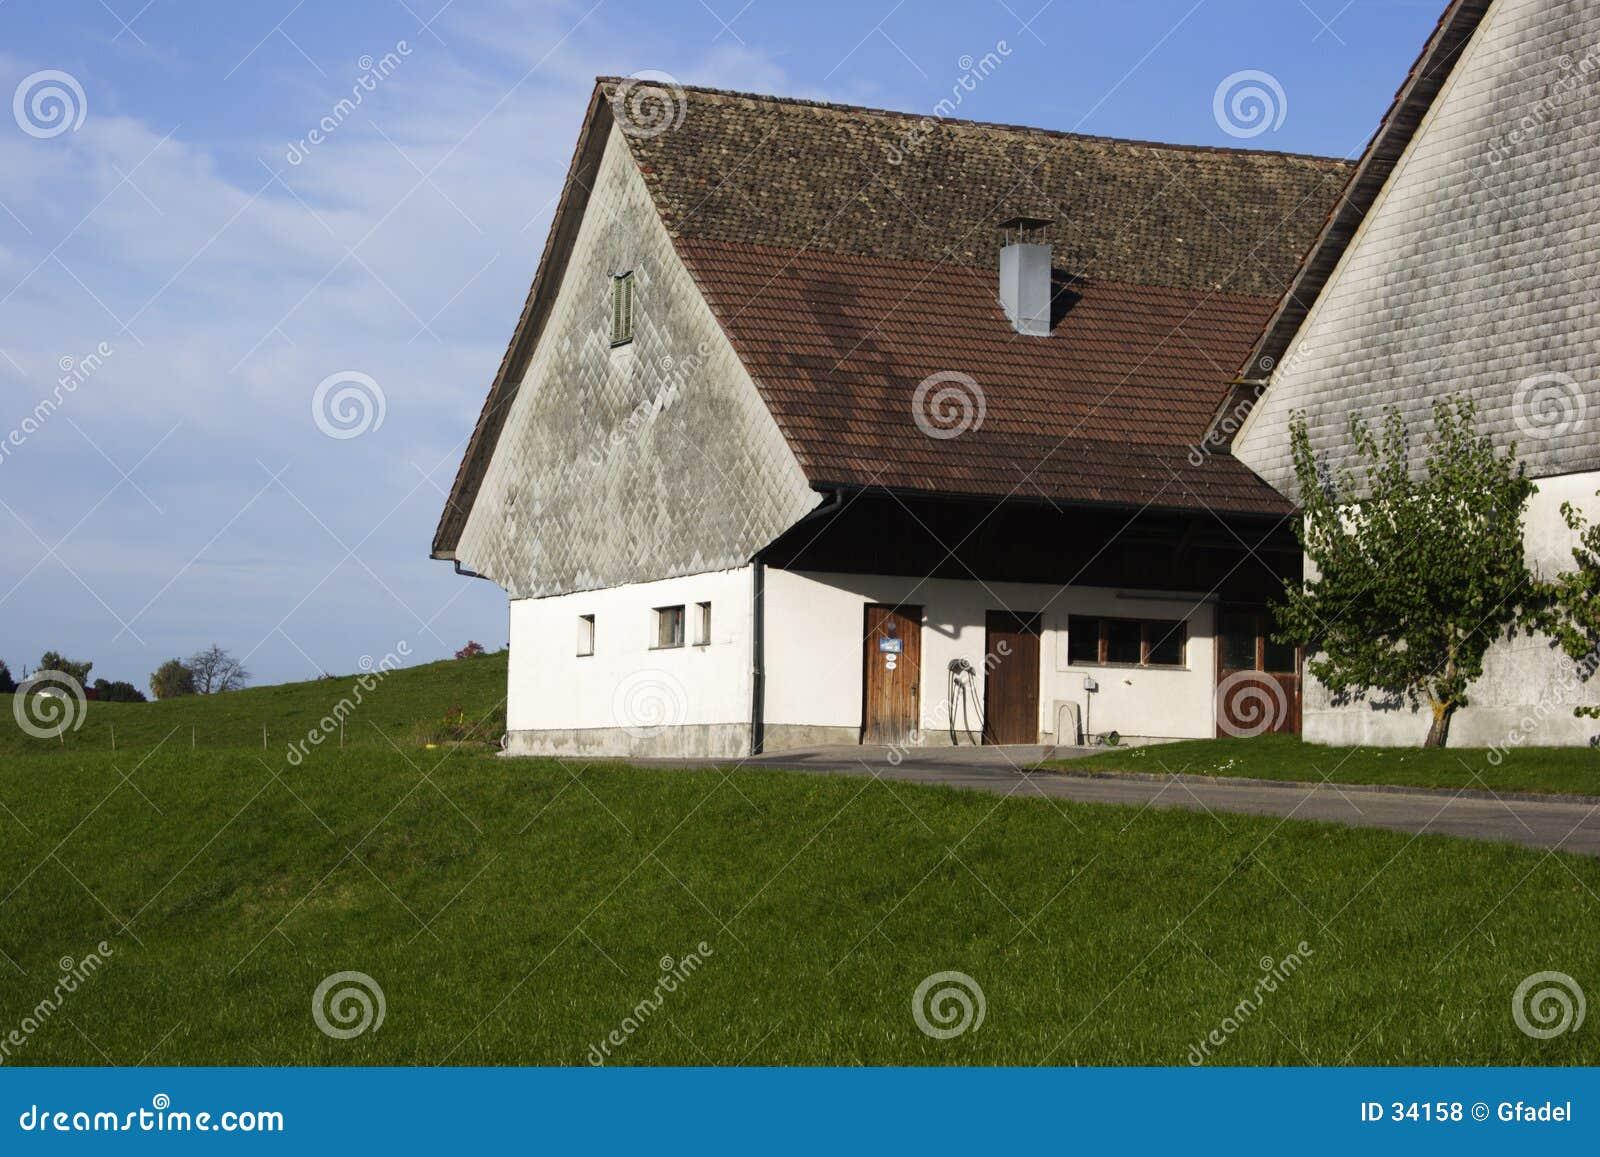 Szwajcarzy farmy iii